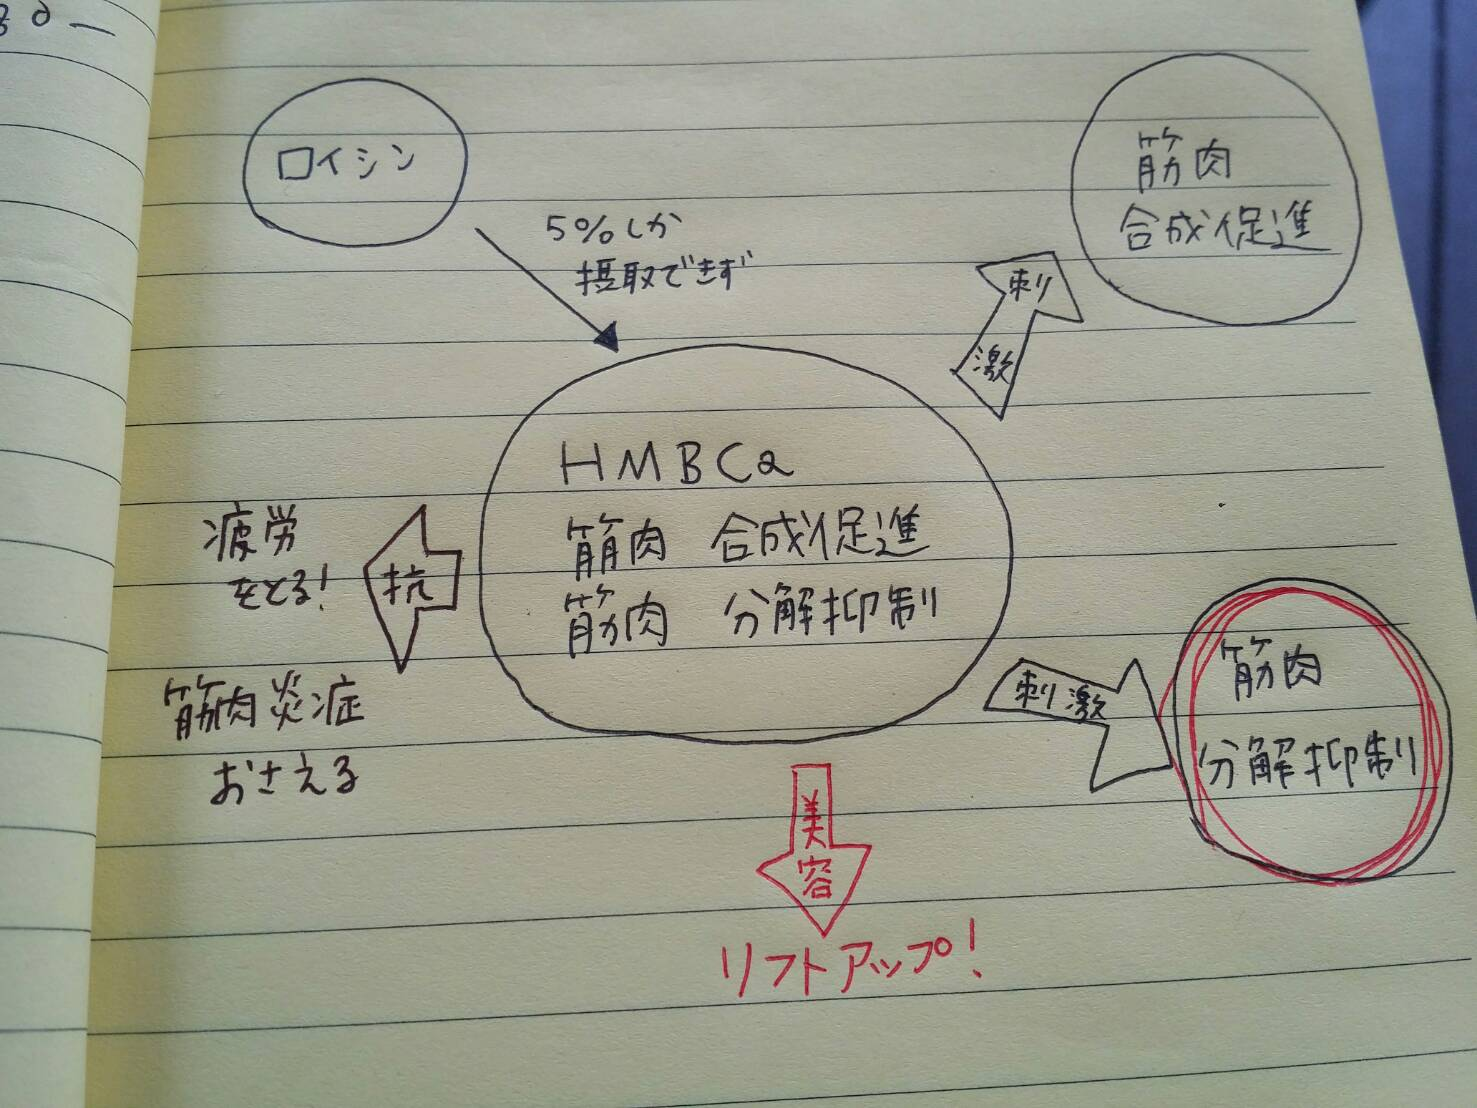 HMBca.jpg